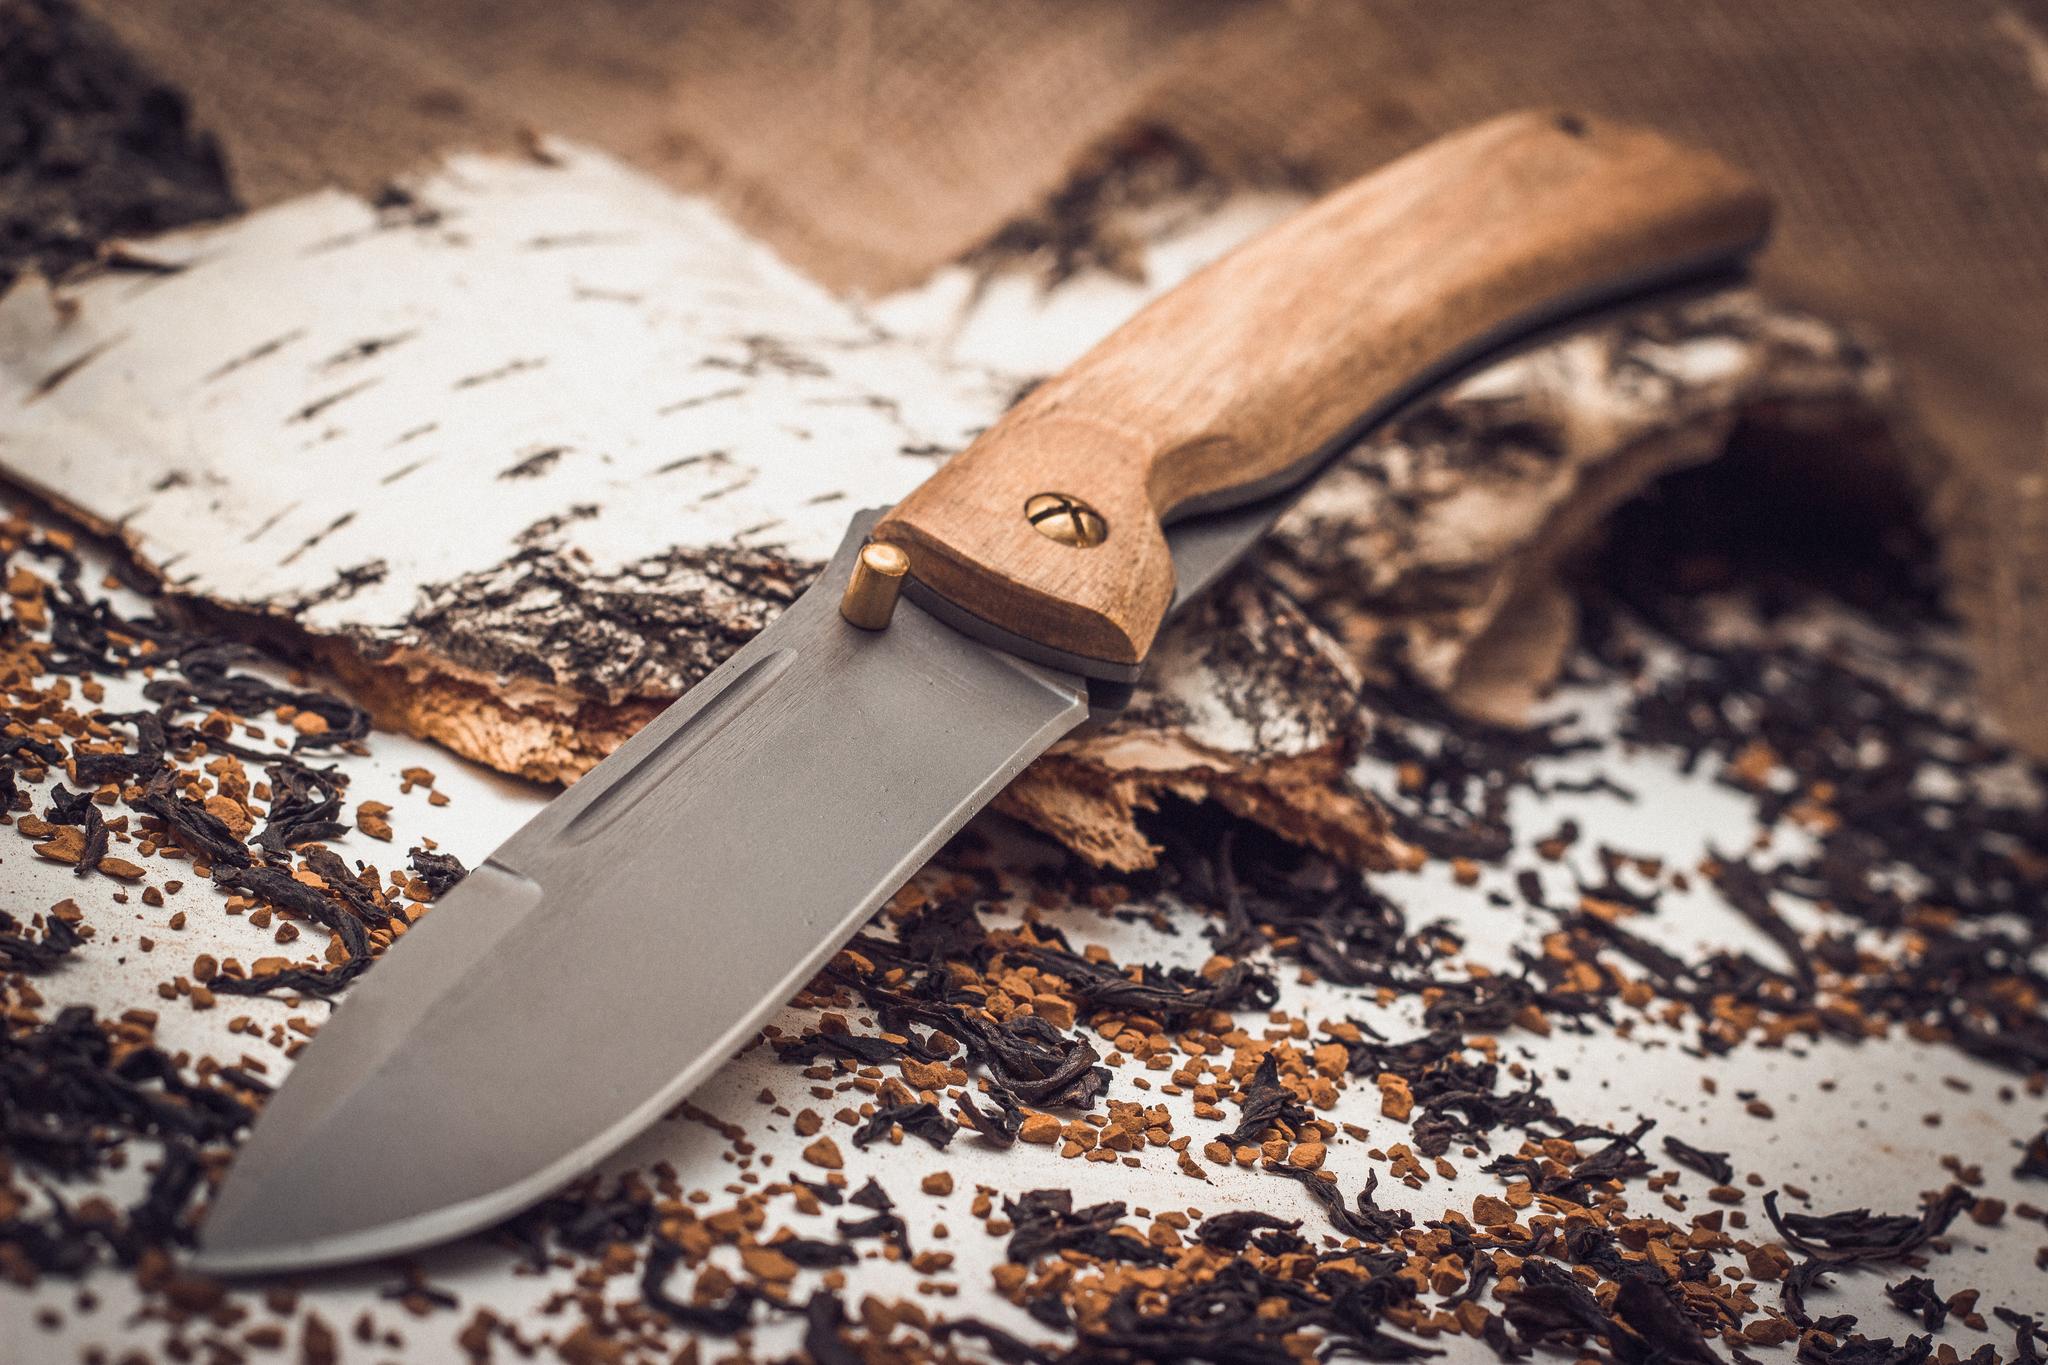 Фото 2 - Складной нож Бродяга, сталь 95х18, орех от Марычев